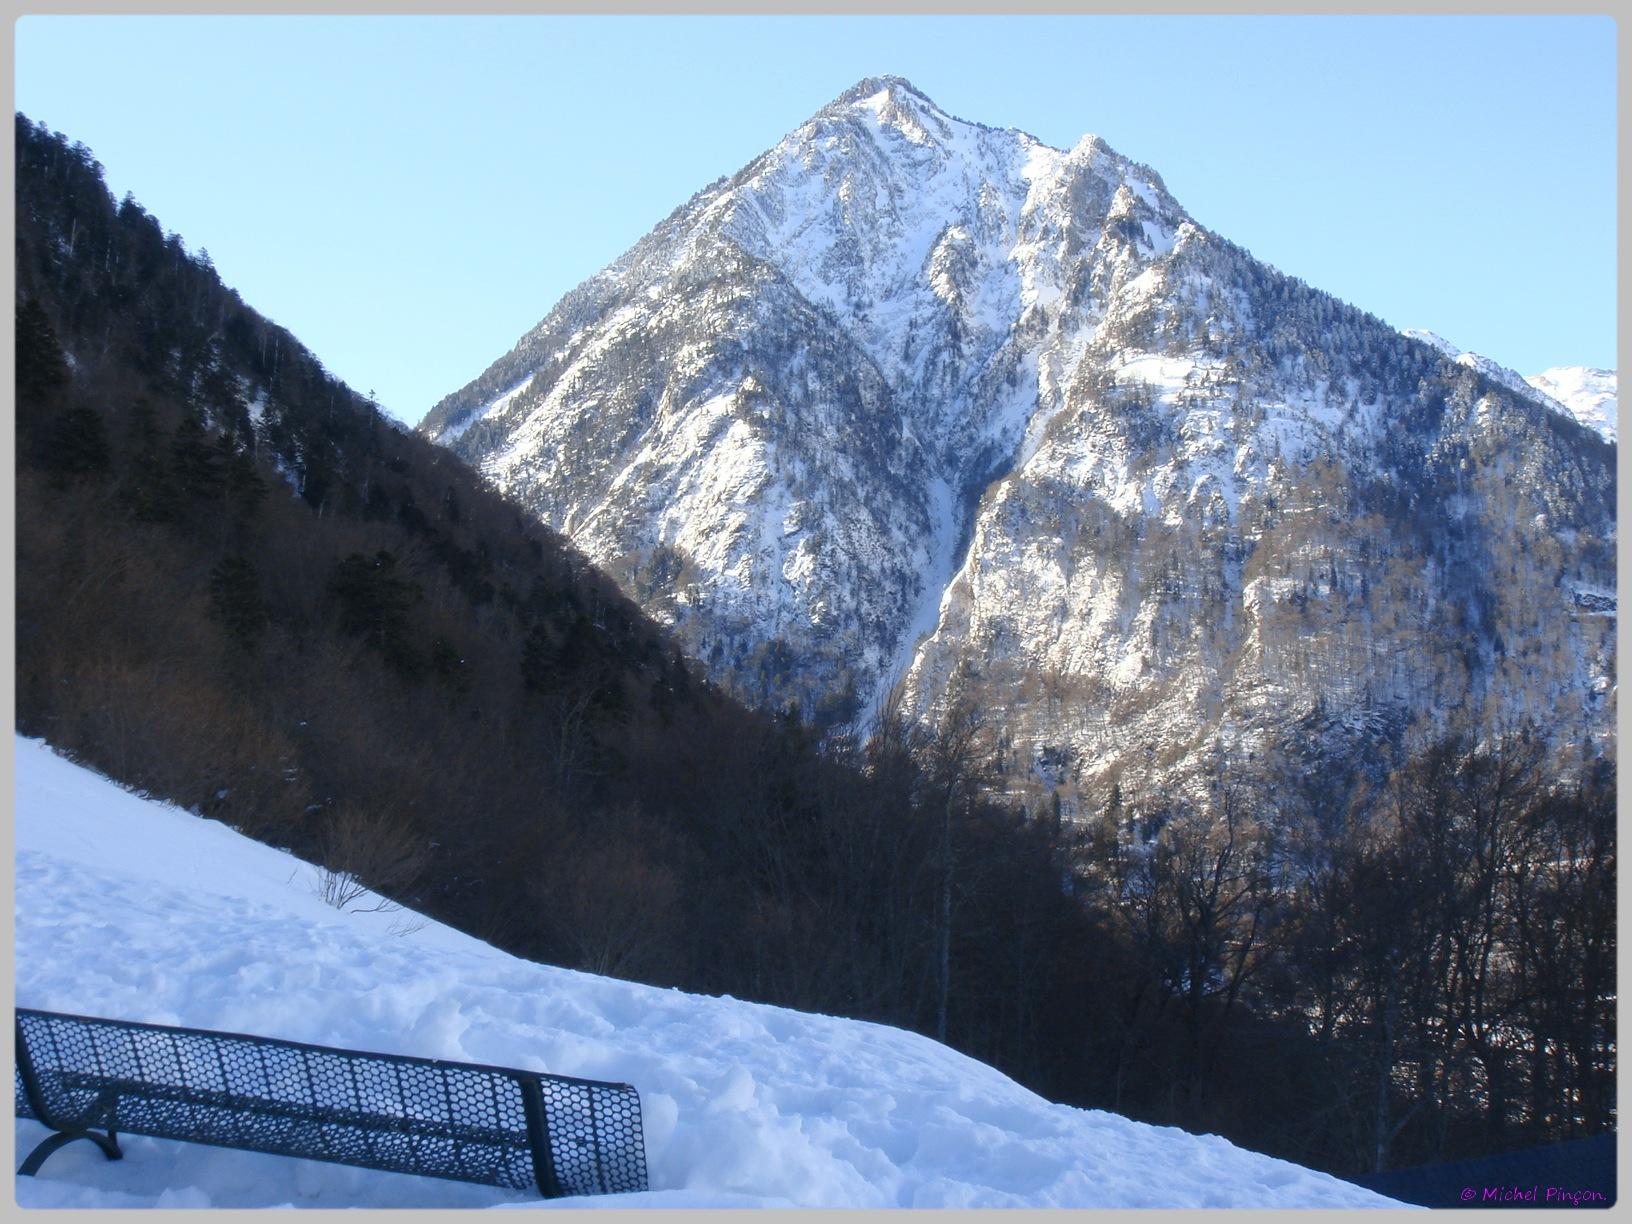 Une semaine à la Neige dans les Htes Pyrénées - Page 2 512264DSC011893